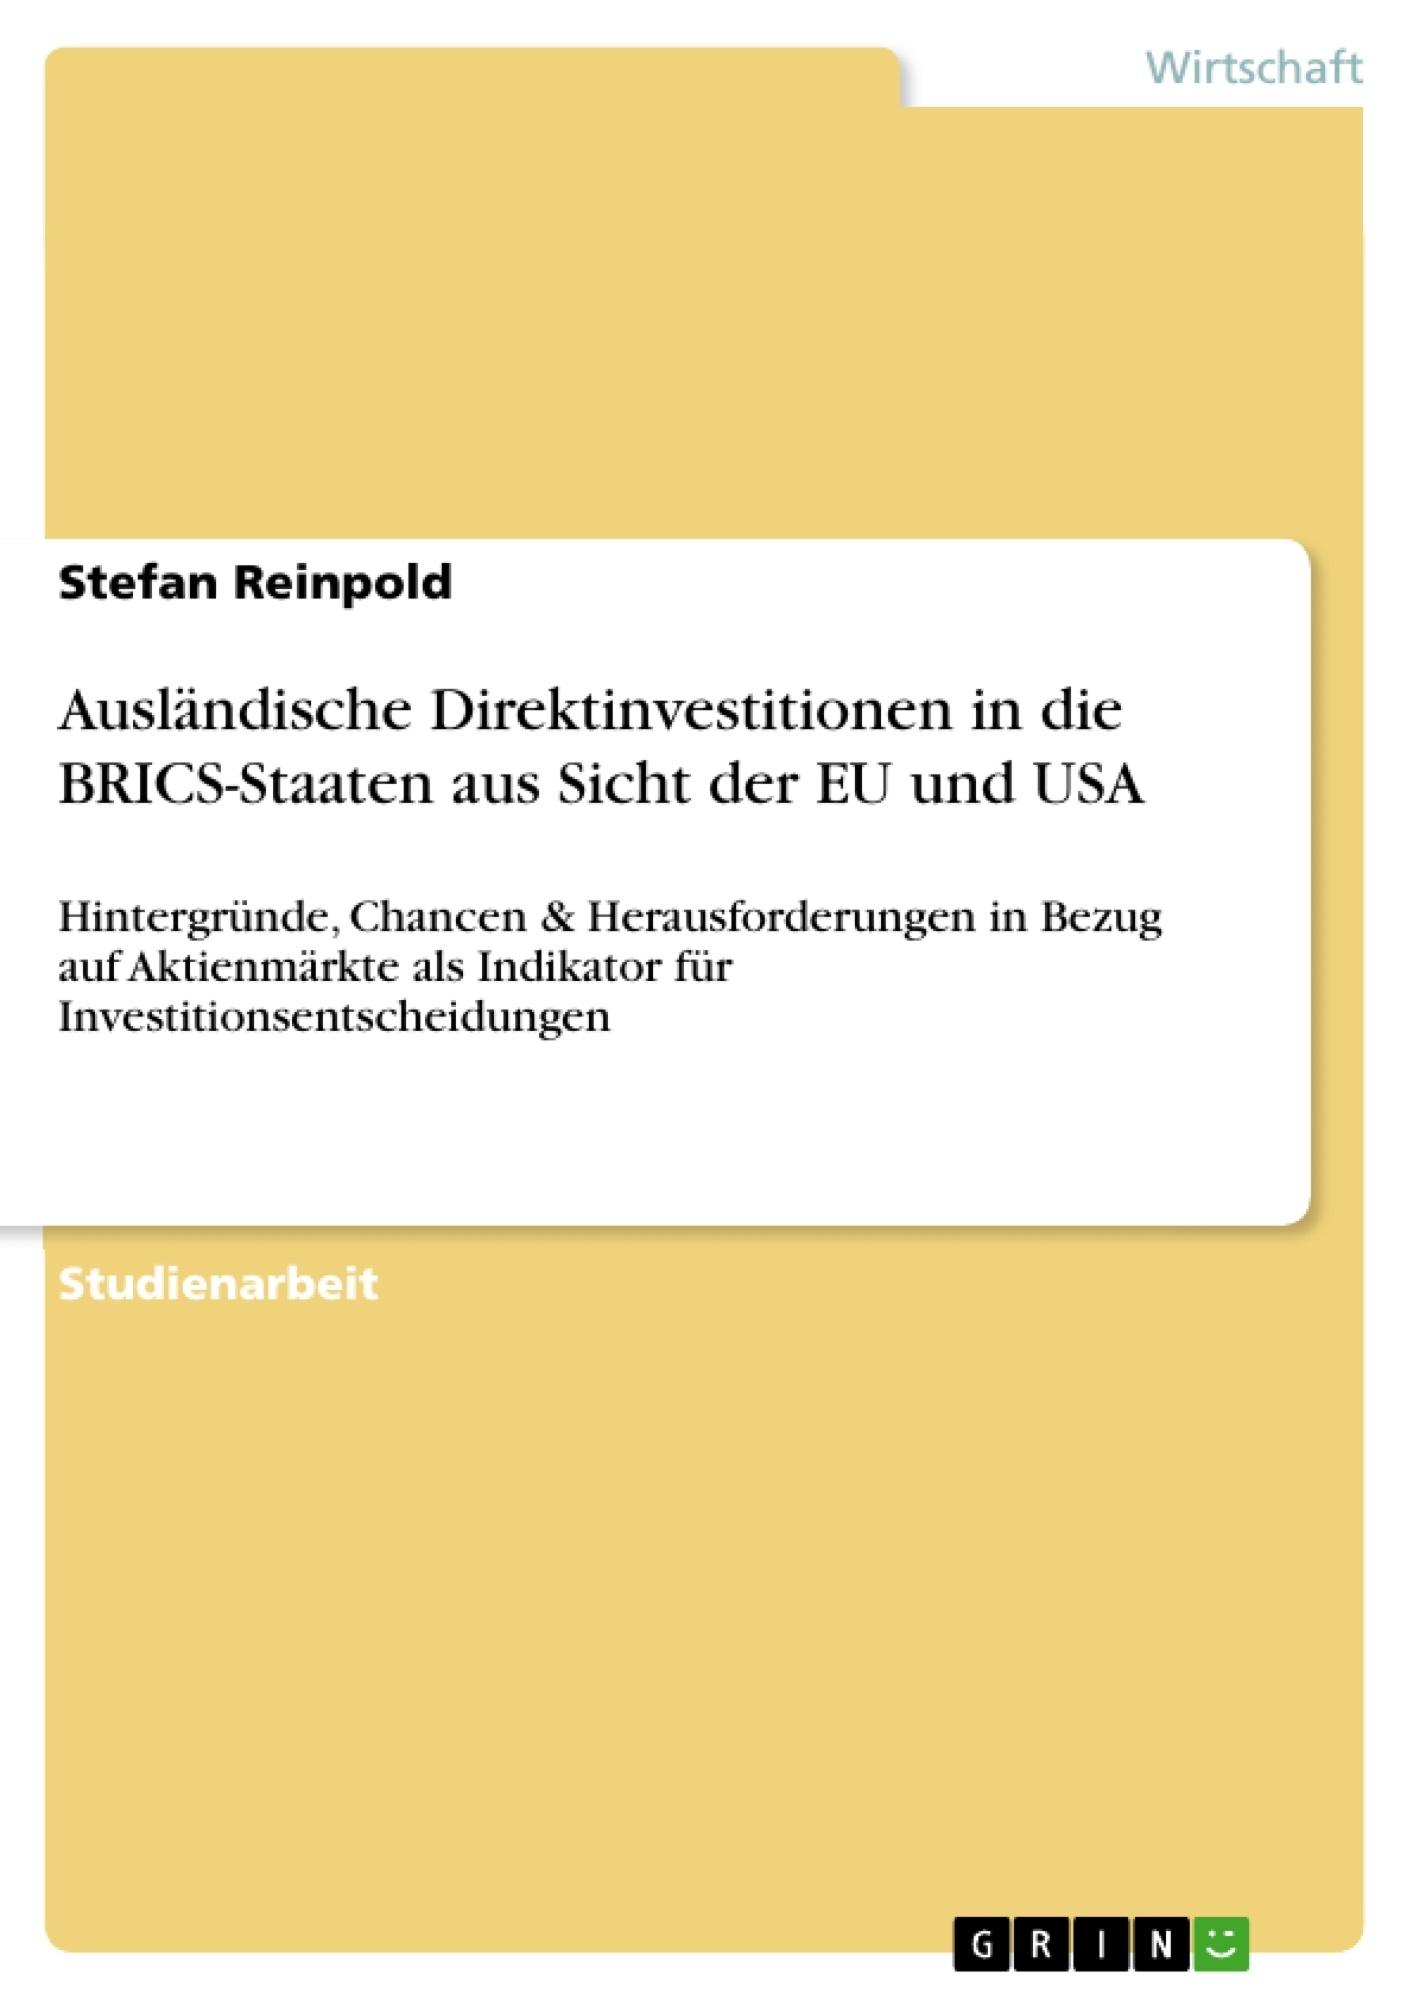 Titel: Ausländische Direktinvestitionen in die BRICS-Staaten aus Sicht der EU und USA